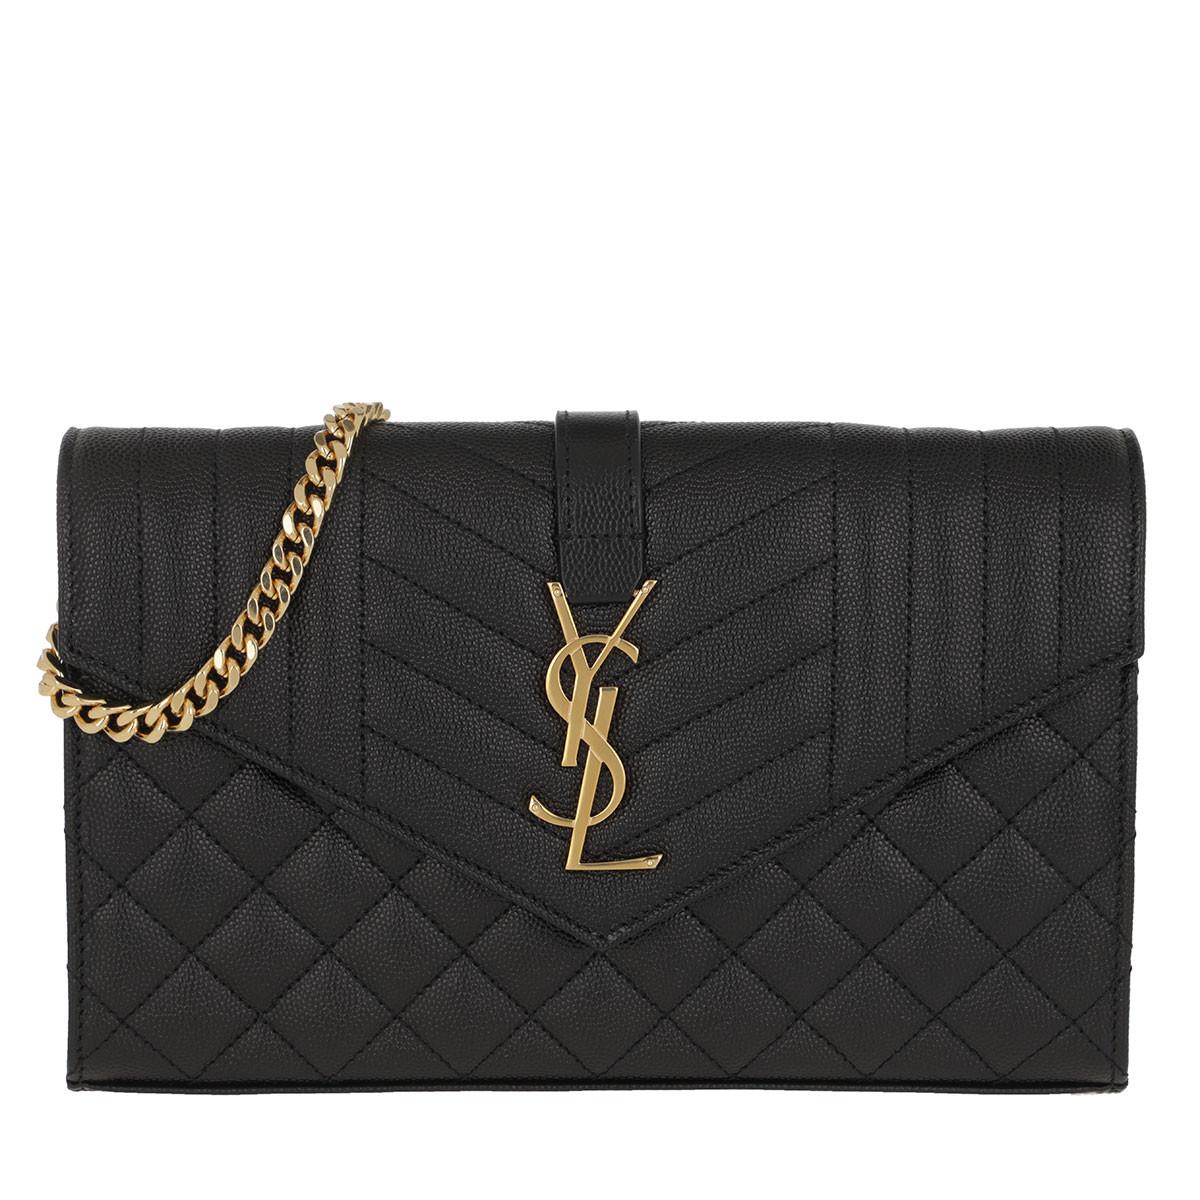 Saint Laurent Umhängetasche - Matelasse Monogram Chain Wallet Black - in schwarz - für Damen